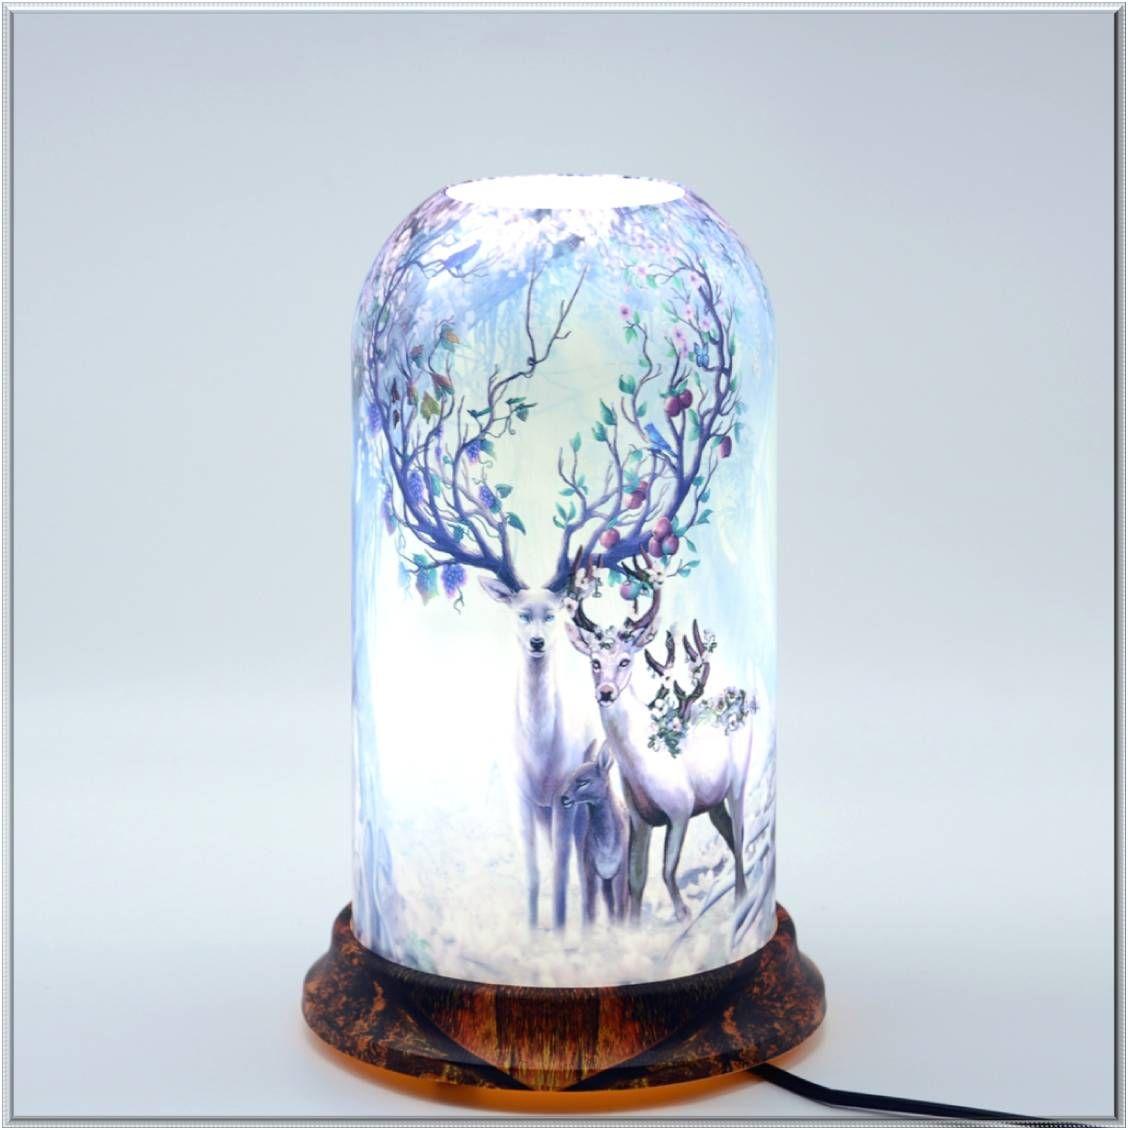 Lampe Agent Ornements Art Qinyuanpersonalizedsérie Soutien D 0024Livraison Un De Table CxedBor